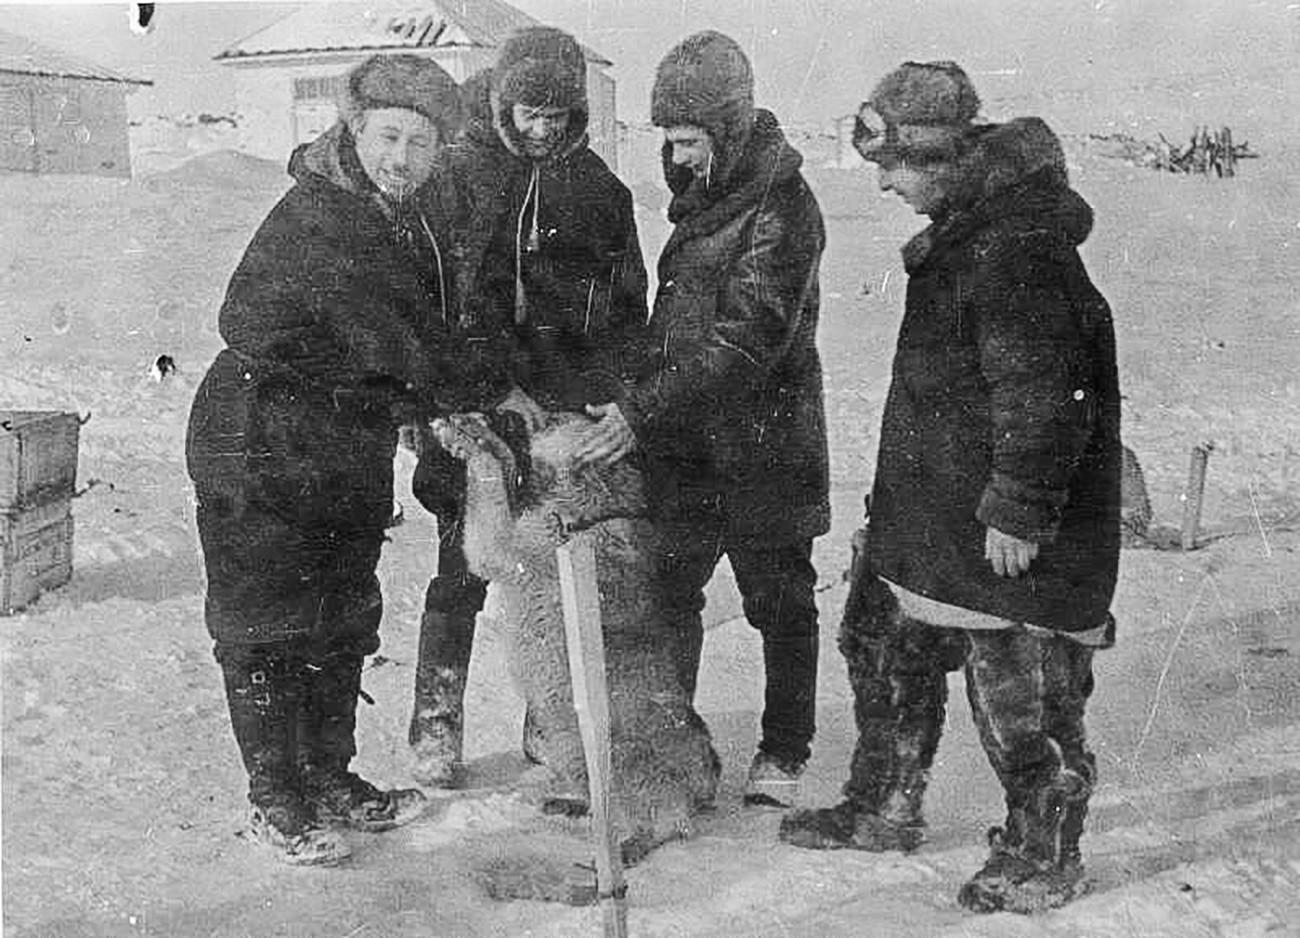 L'atterrissage de l'expédition sur la glace a eu lieu le 21 mai 1937. L'inauguration officielle de la station dérivante Pôle Nord-1 a eu lieu le 6 juin 1937.